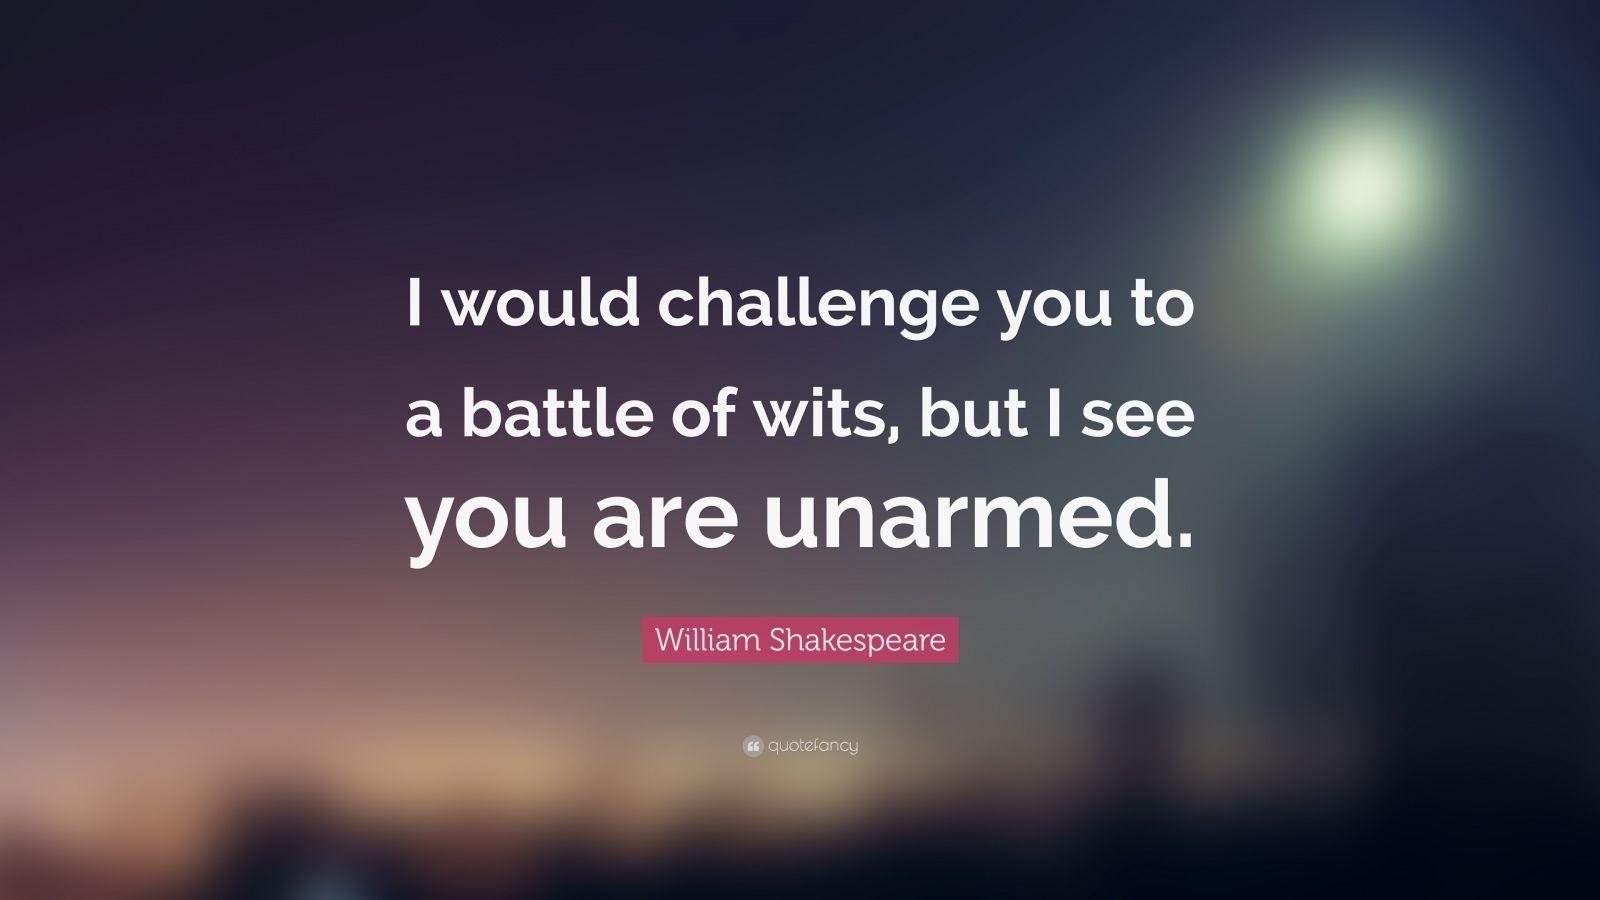 William Shakespeare Love Quotes Wallpaper William Shakespeare Quote I Would Challenge You To A